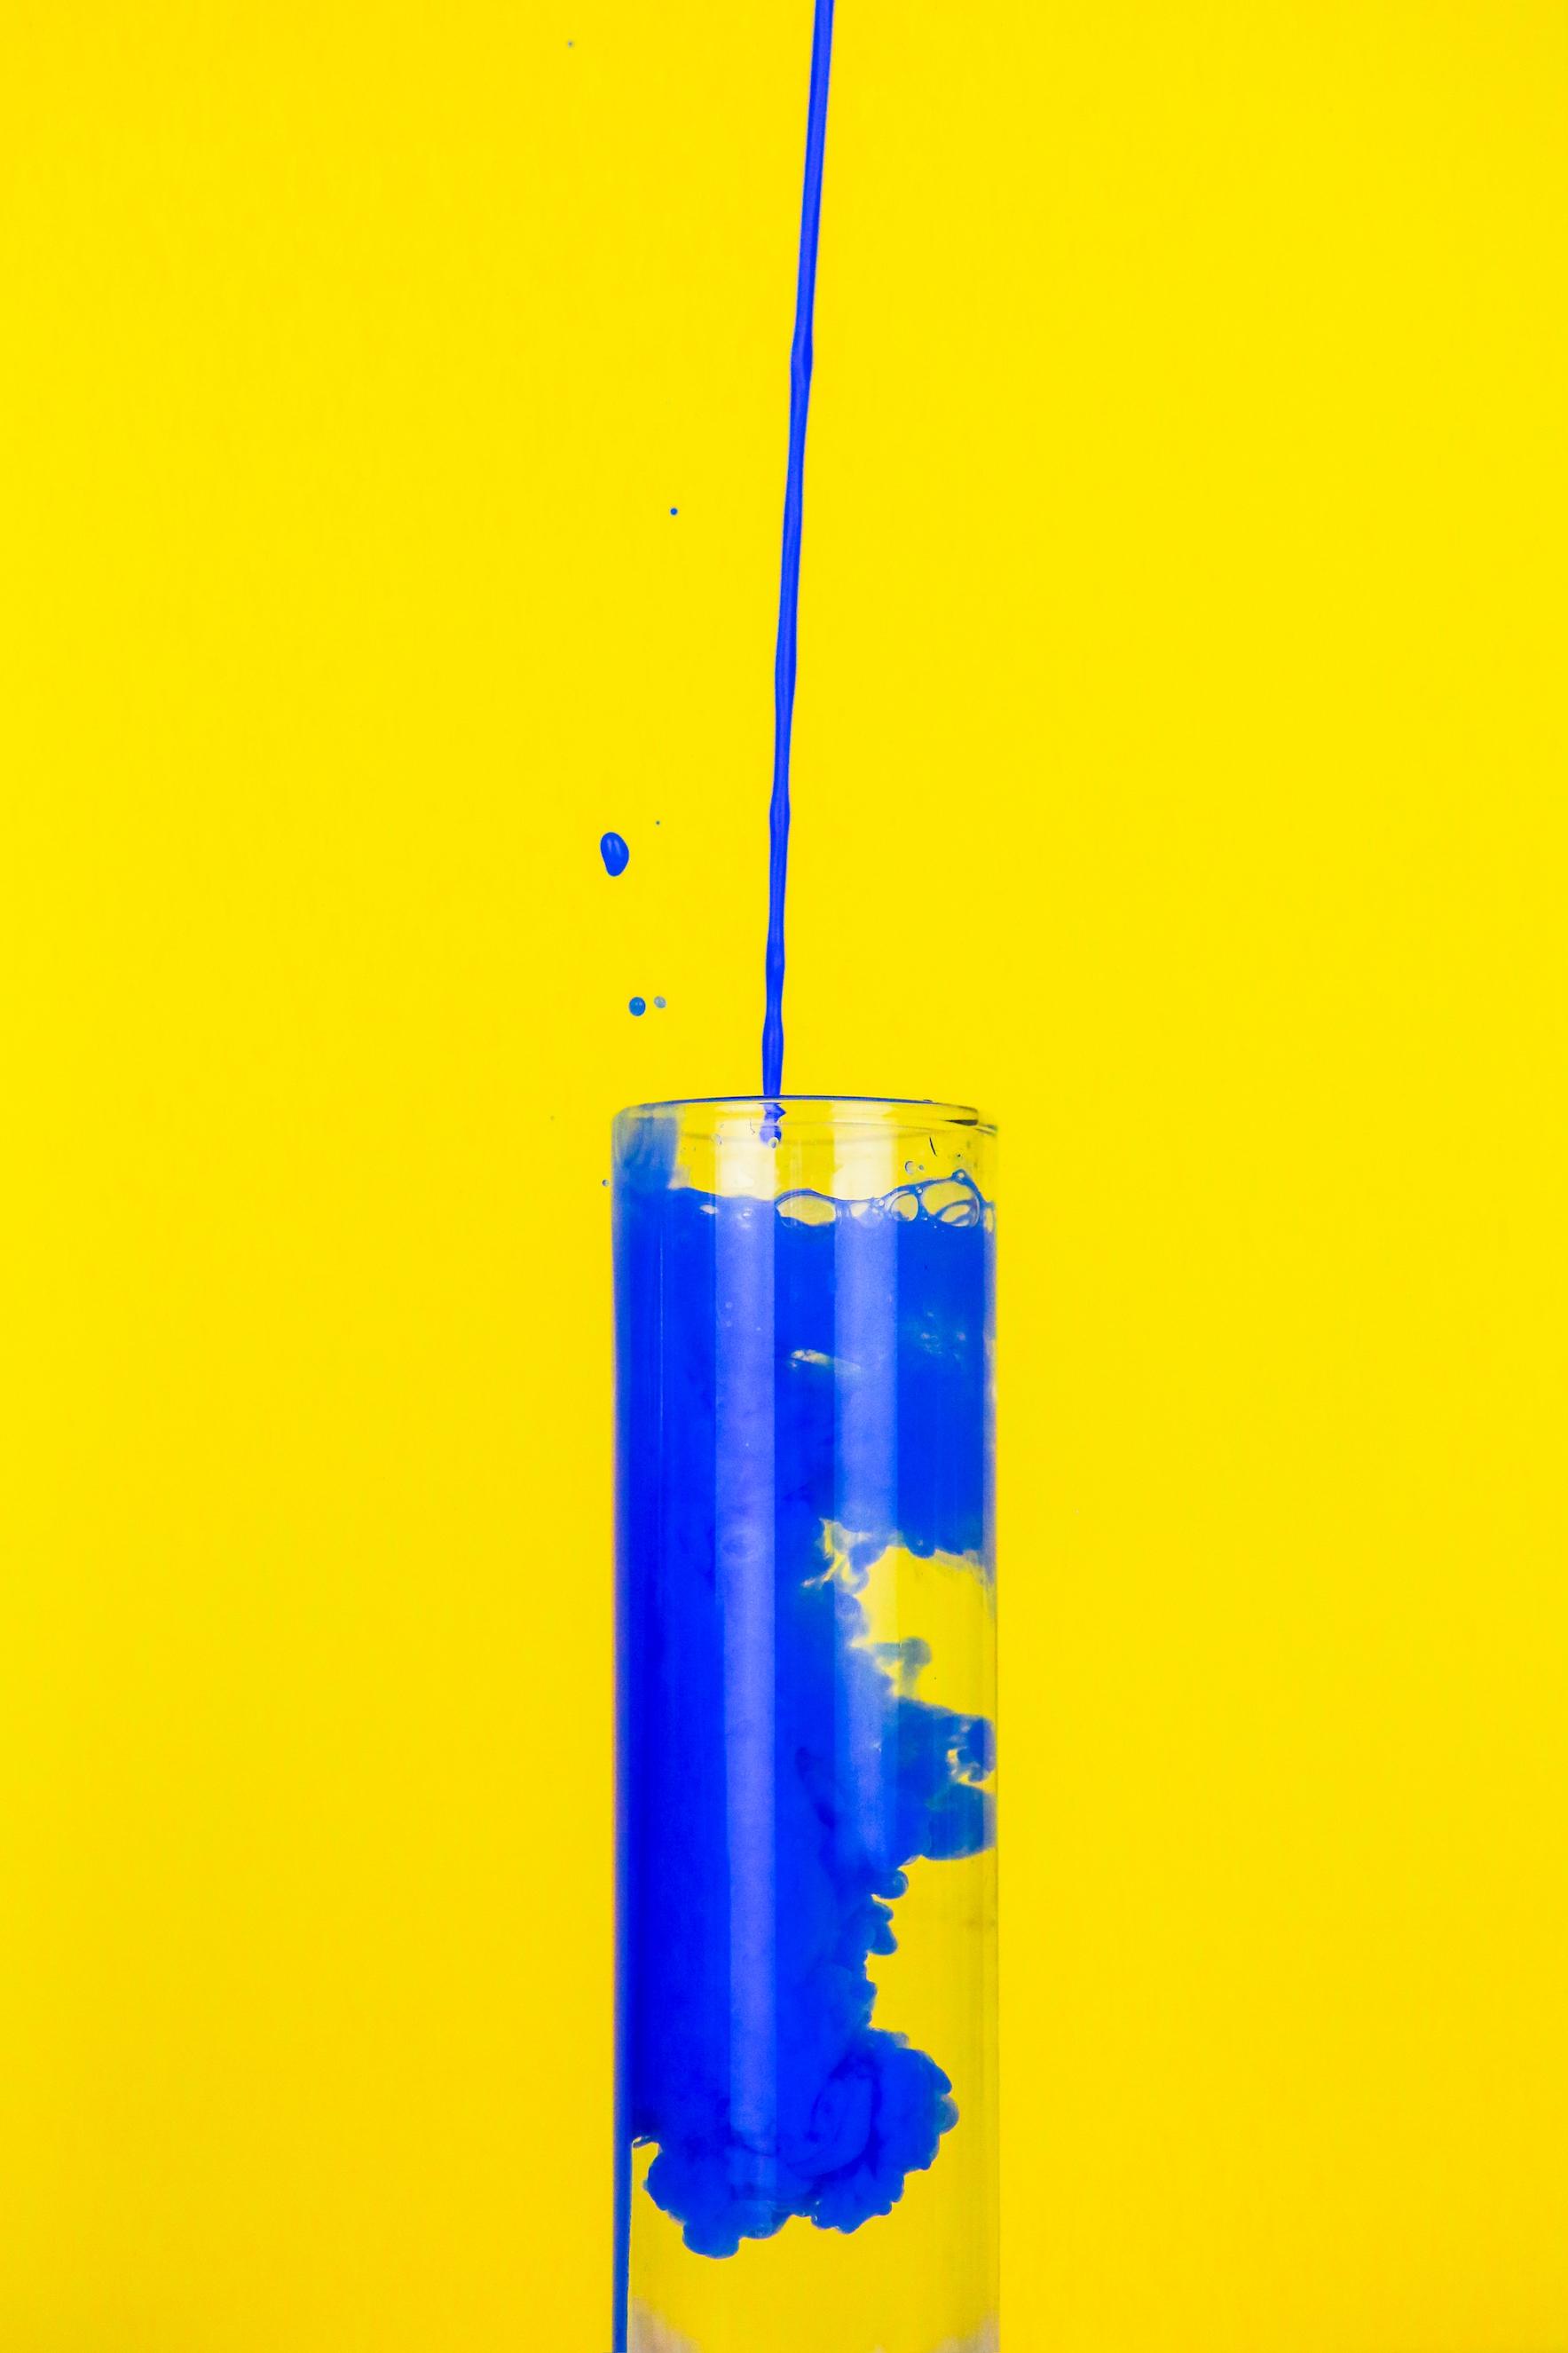 paintblogyellow_edit1-5 copy.jpg